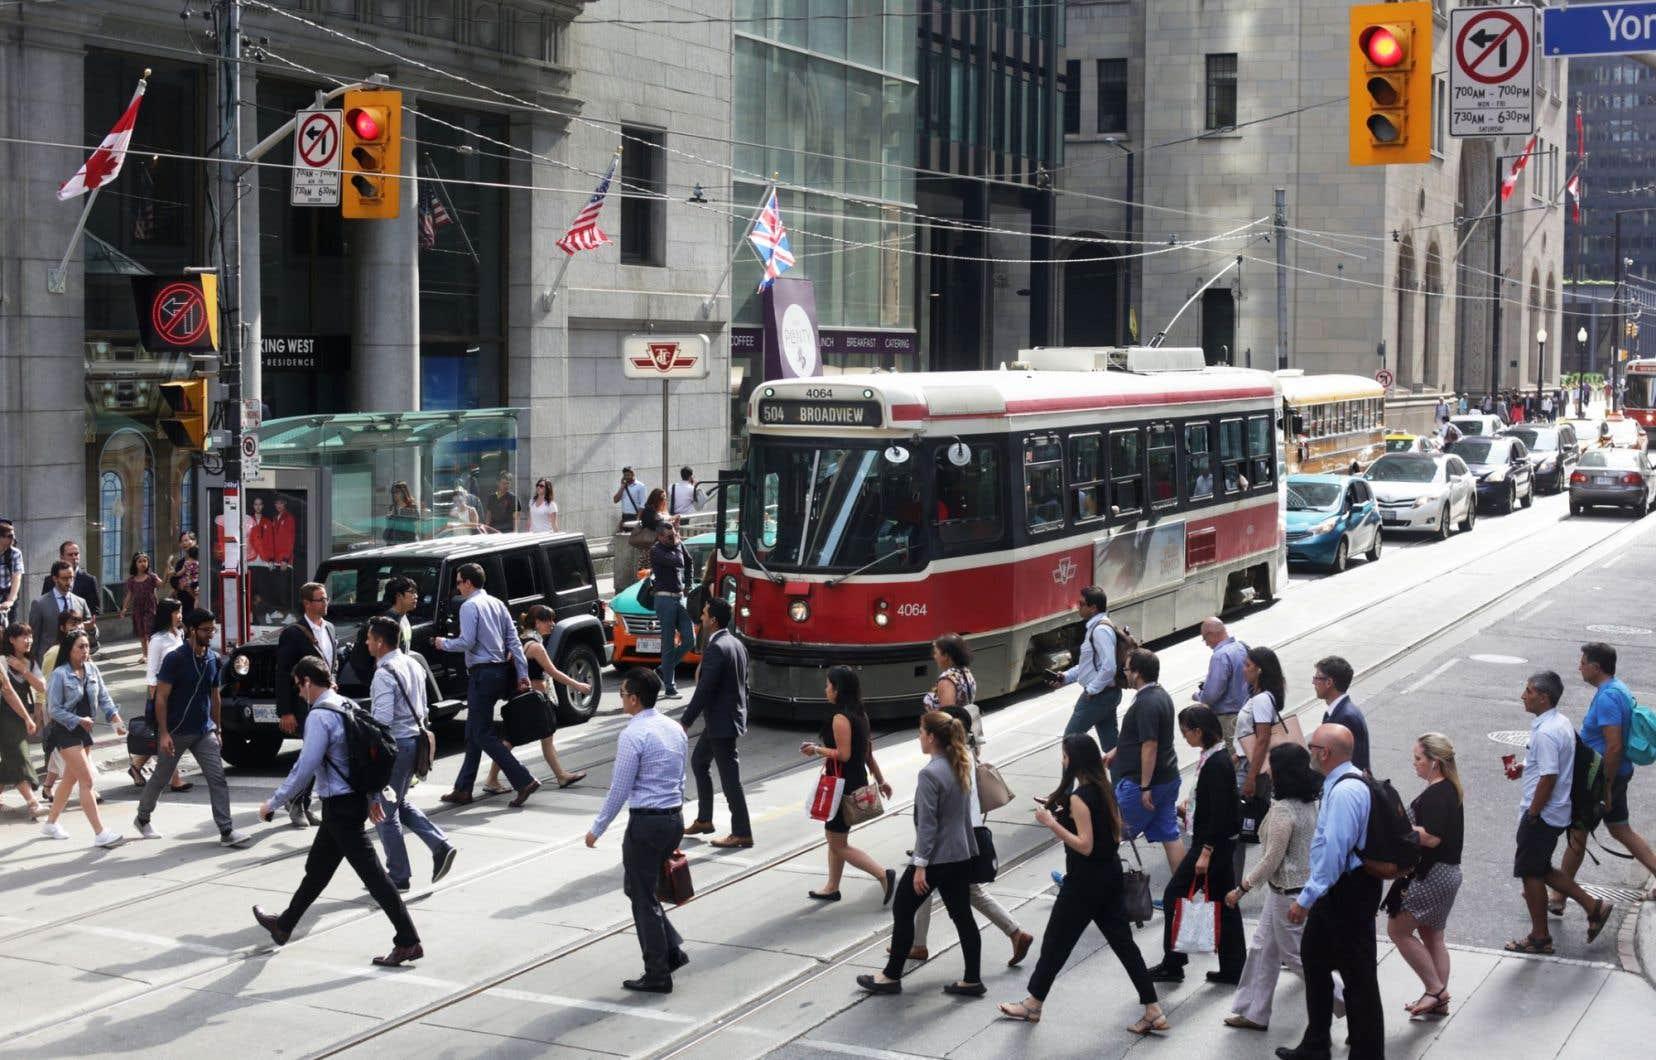 Sans actions immédiates, le niveau de vie futur du Canada est menacé, selon le cabinet Deloitte.